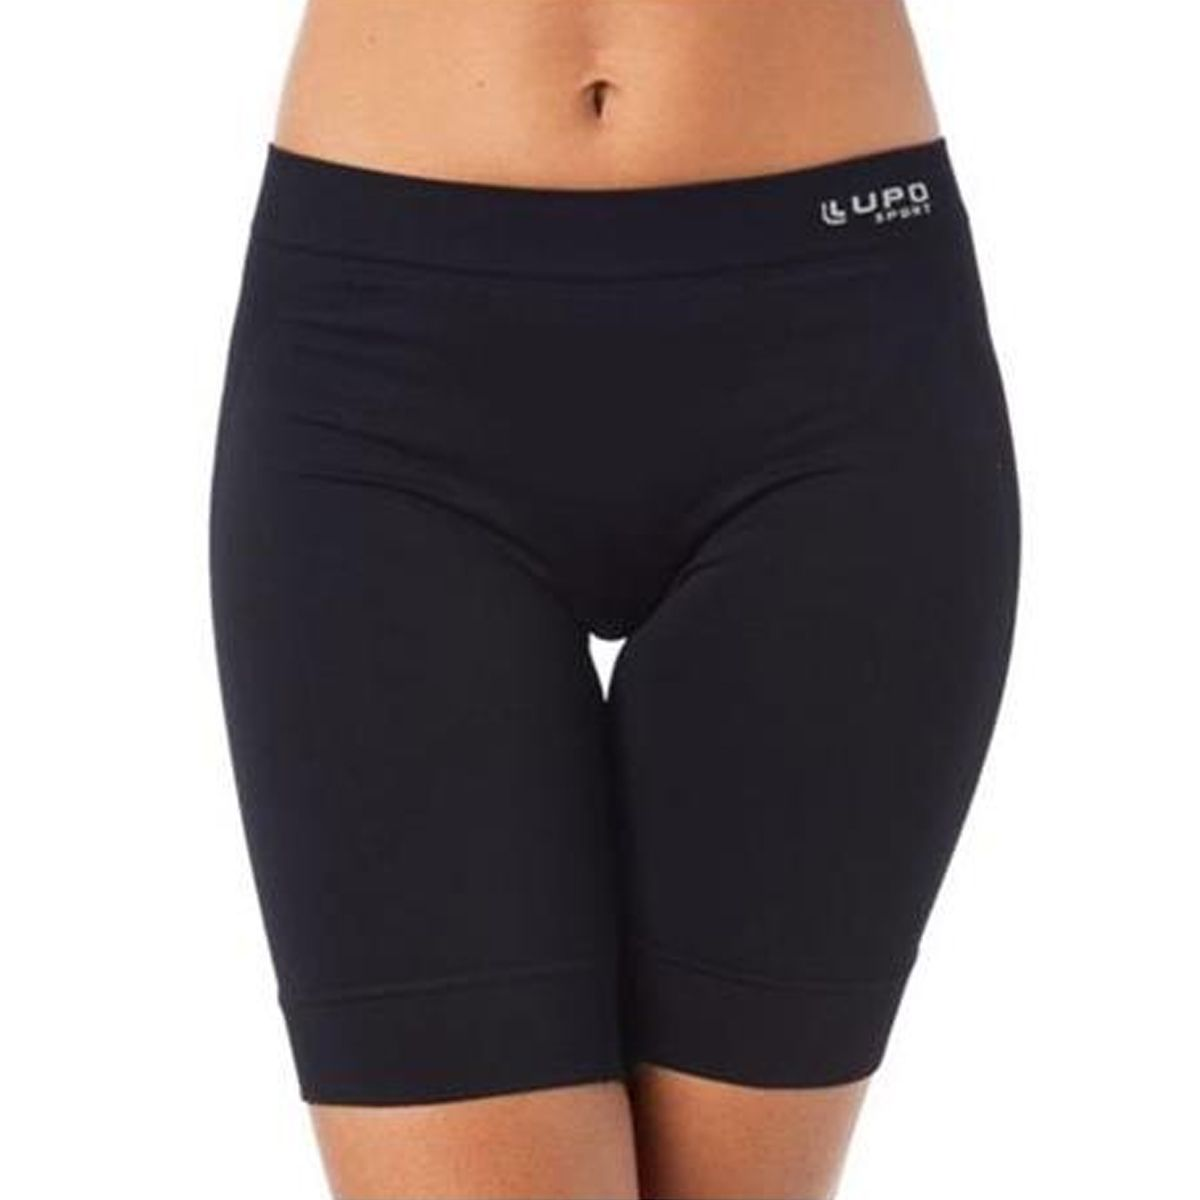 Bermuda Feminina térmica com Alta Compressão - Shorts com fio Emana Lupo